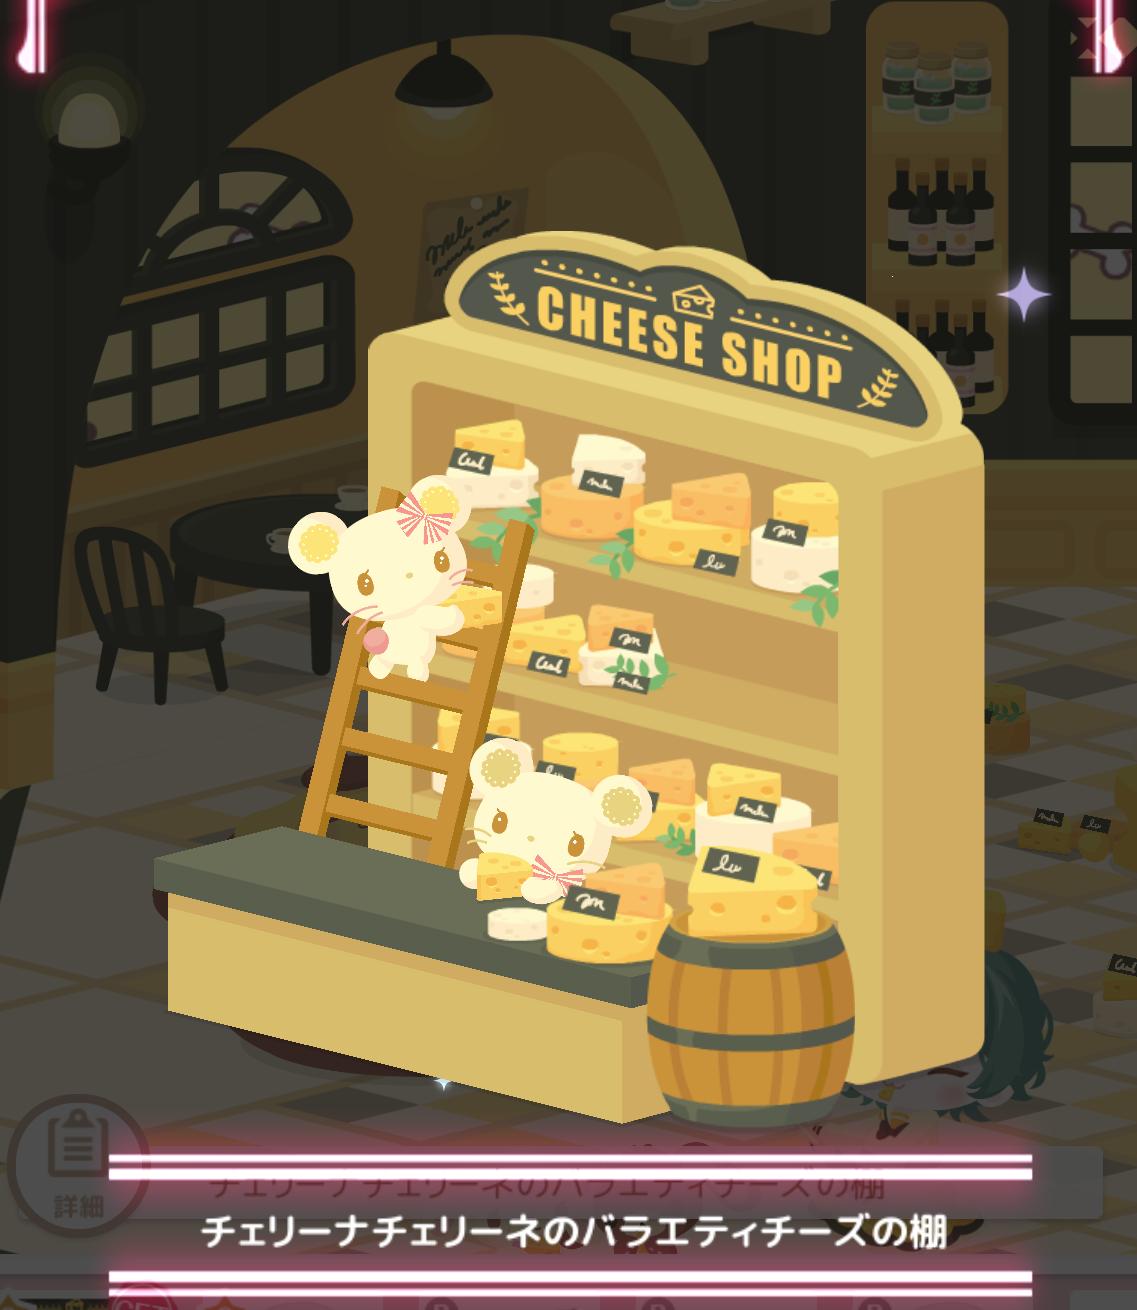 チェリーナチェリーネのバラエティチーズの棚